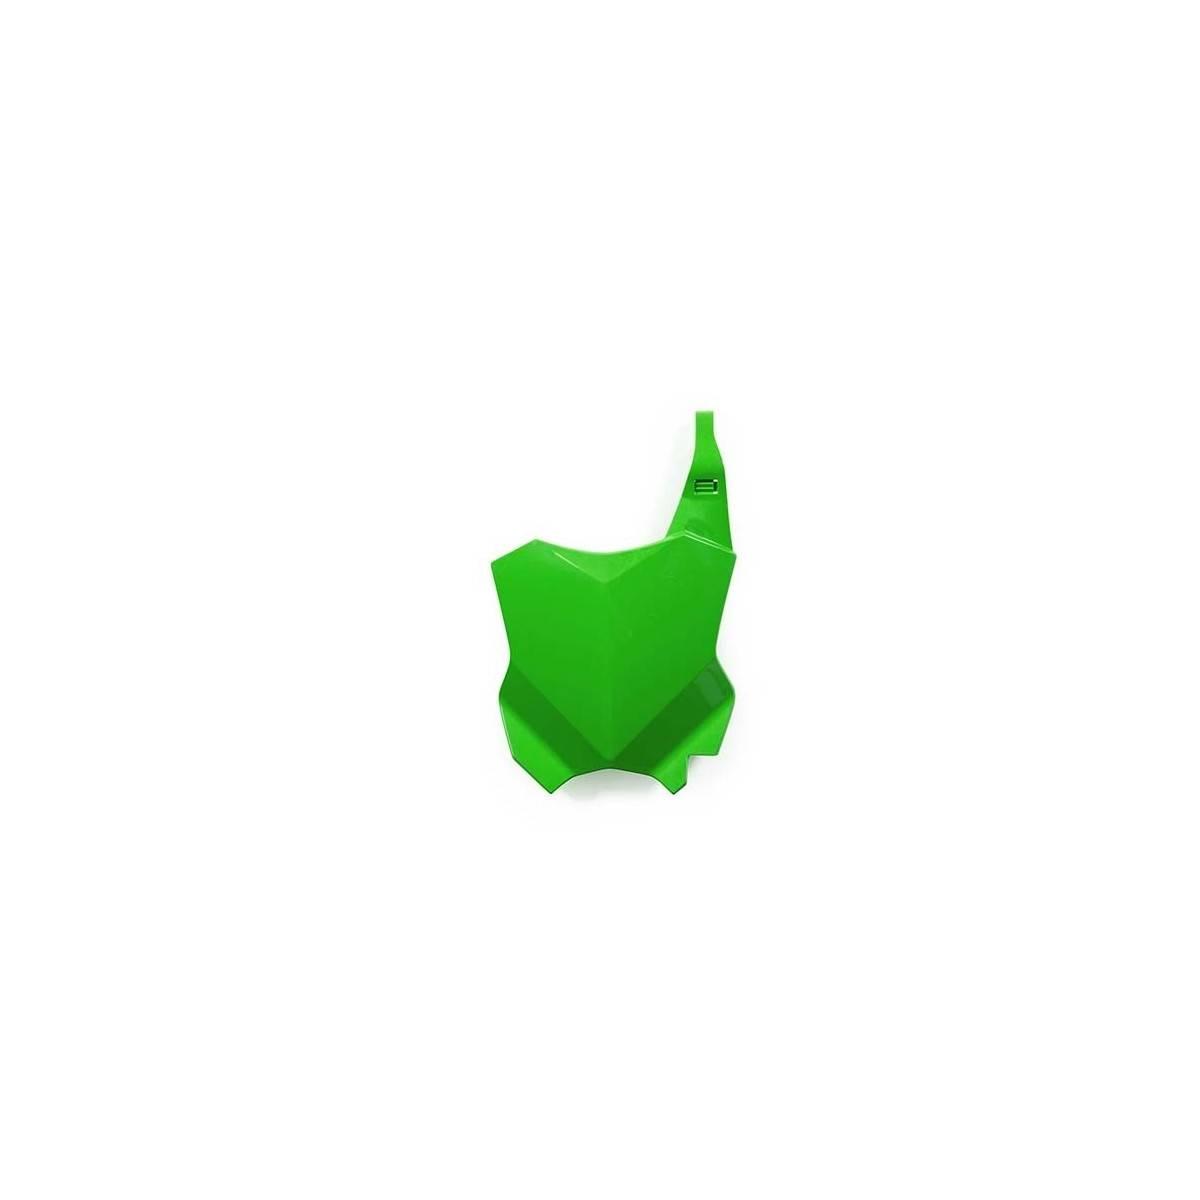 0021839-130 - Portanumero Delantero Kxf 17... Verde